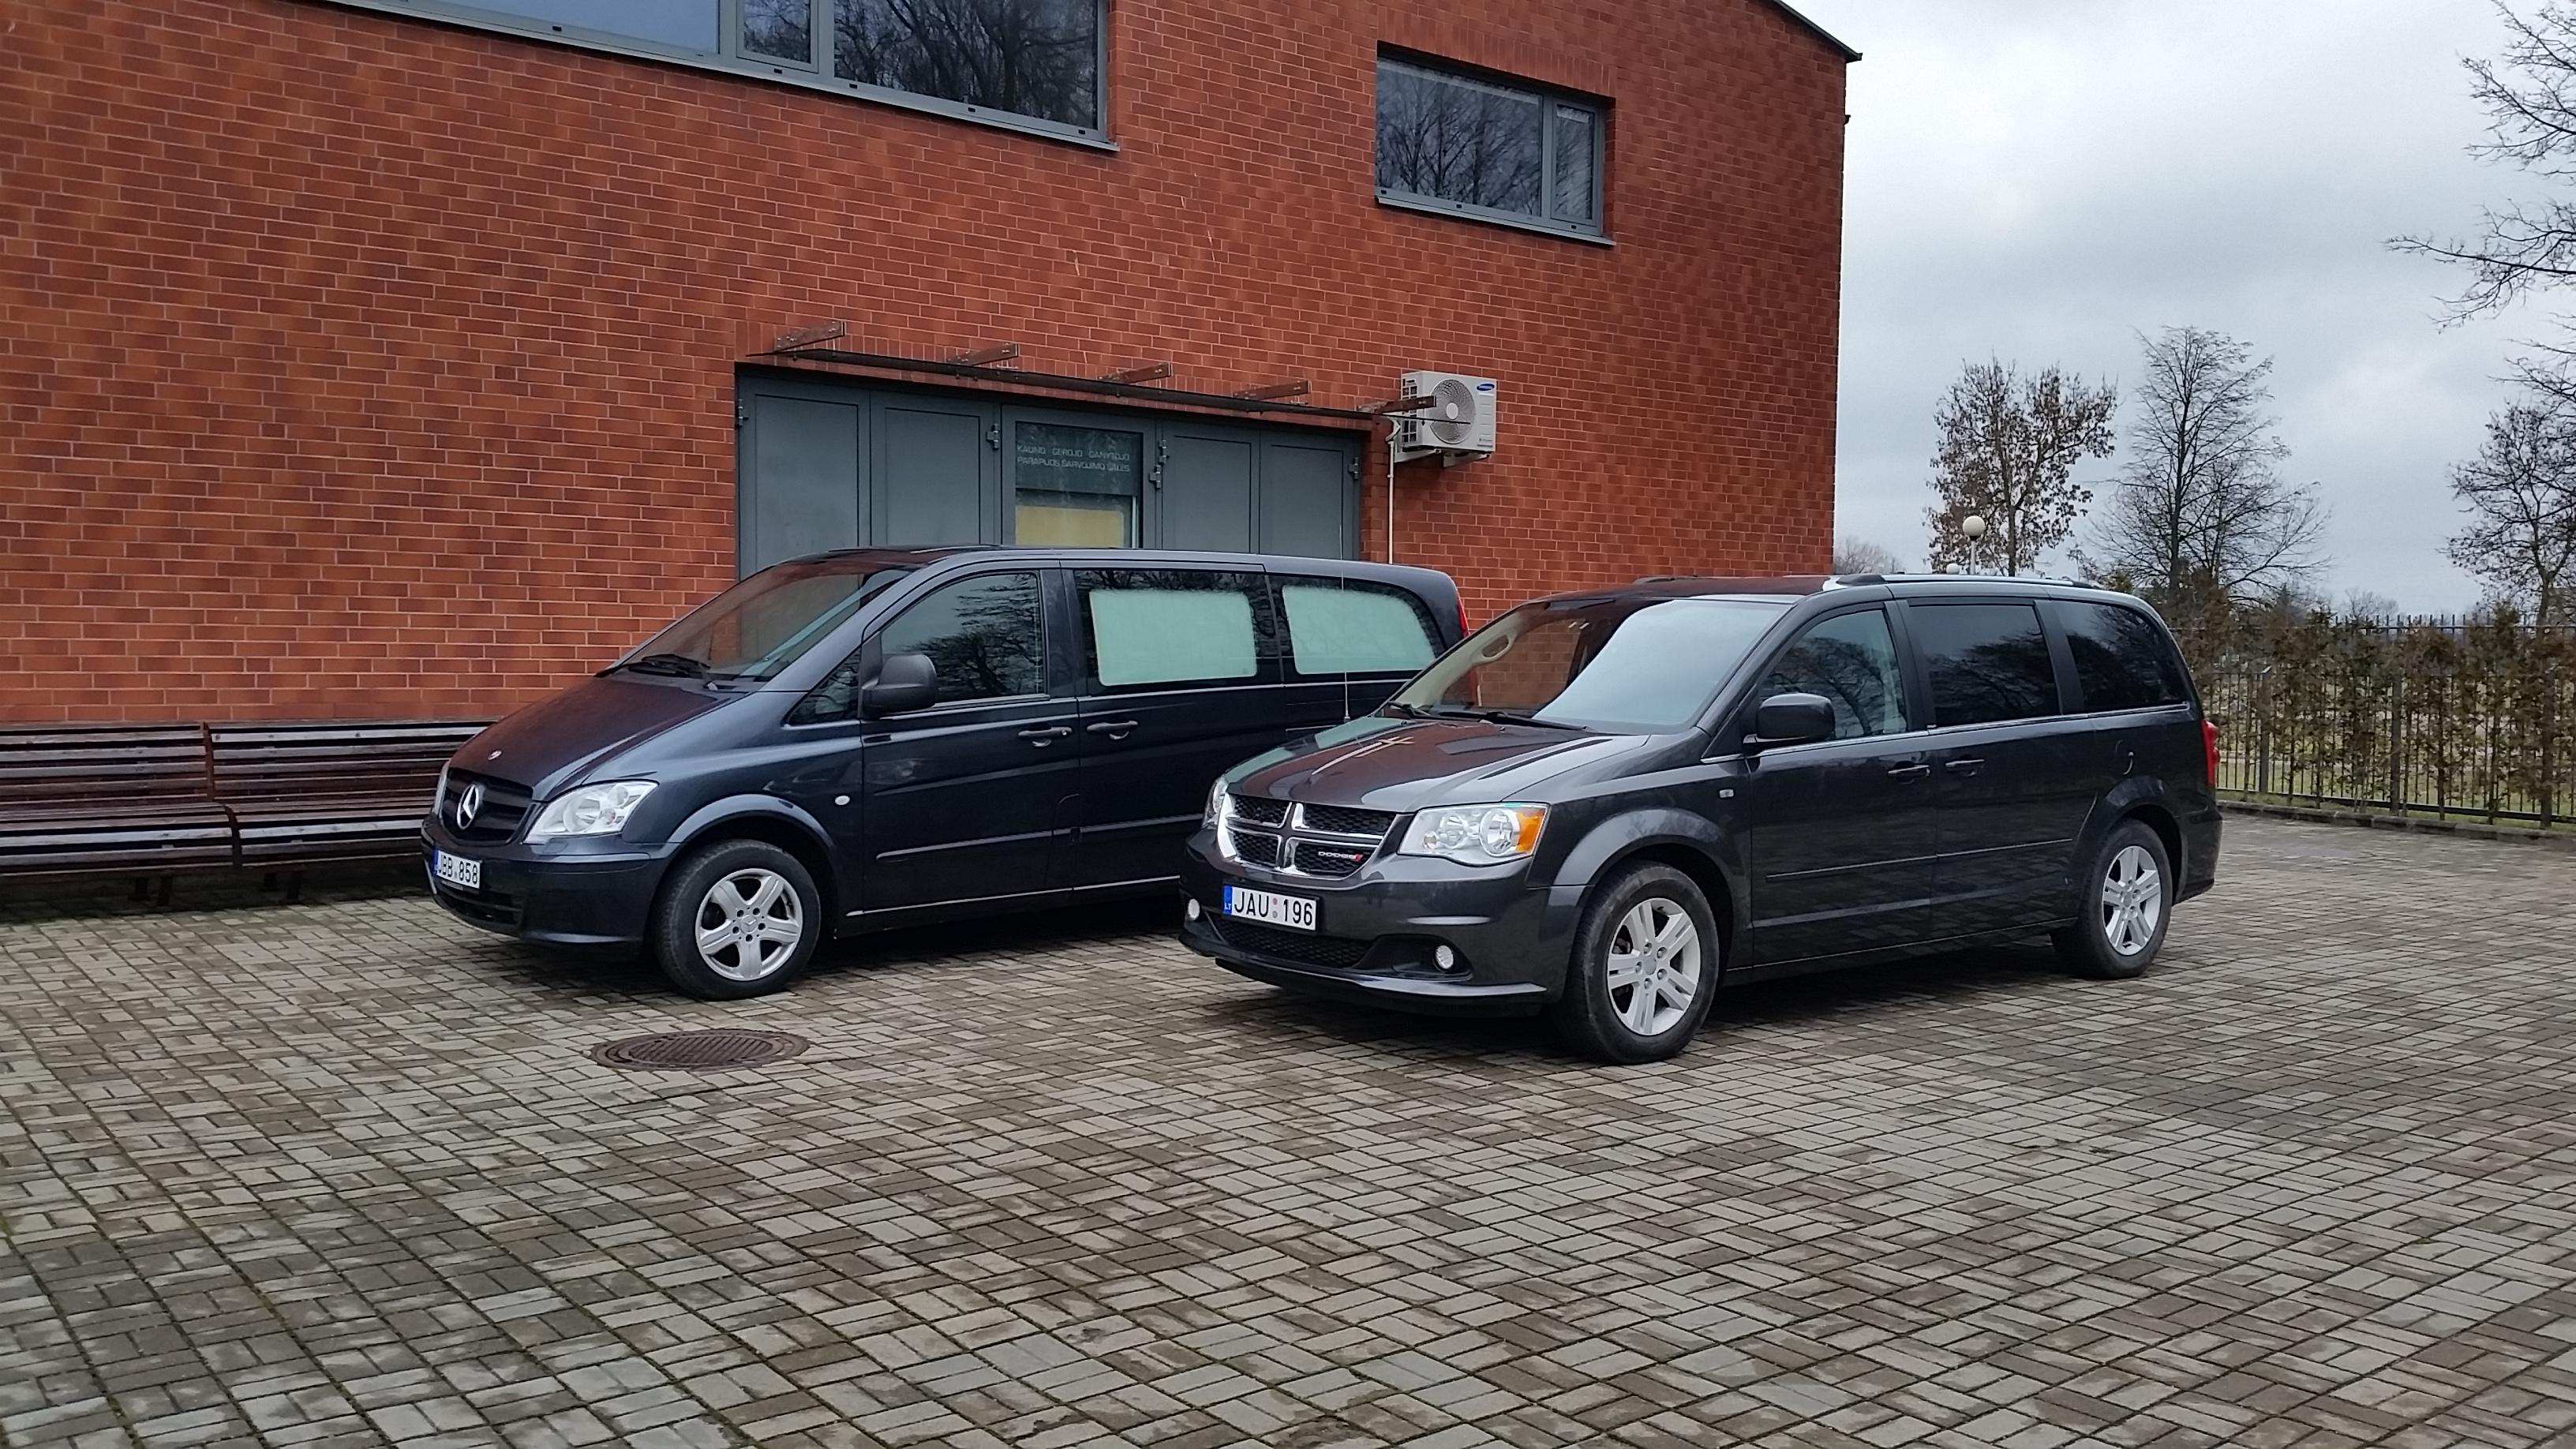 Modernūs automobiliai laidojimui